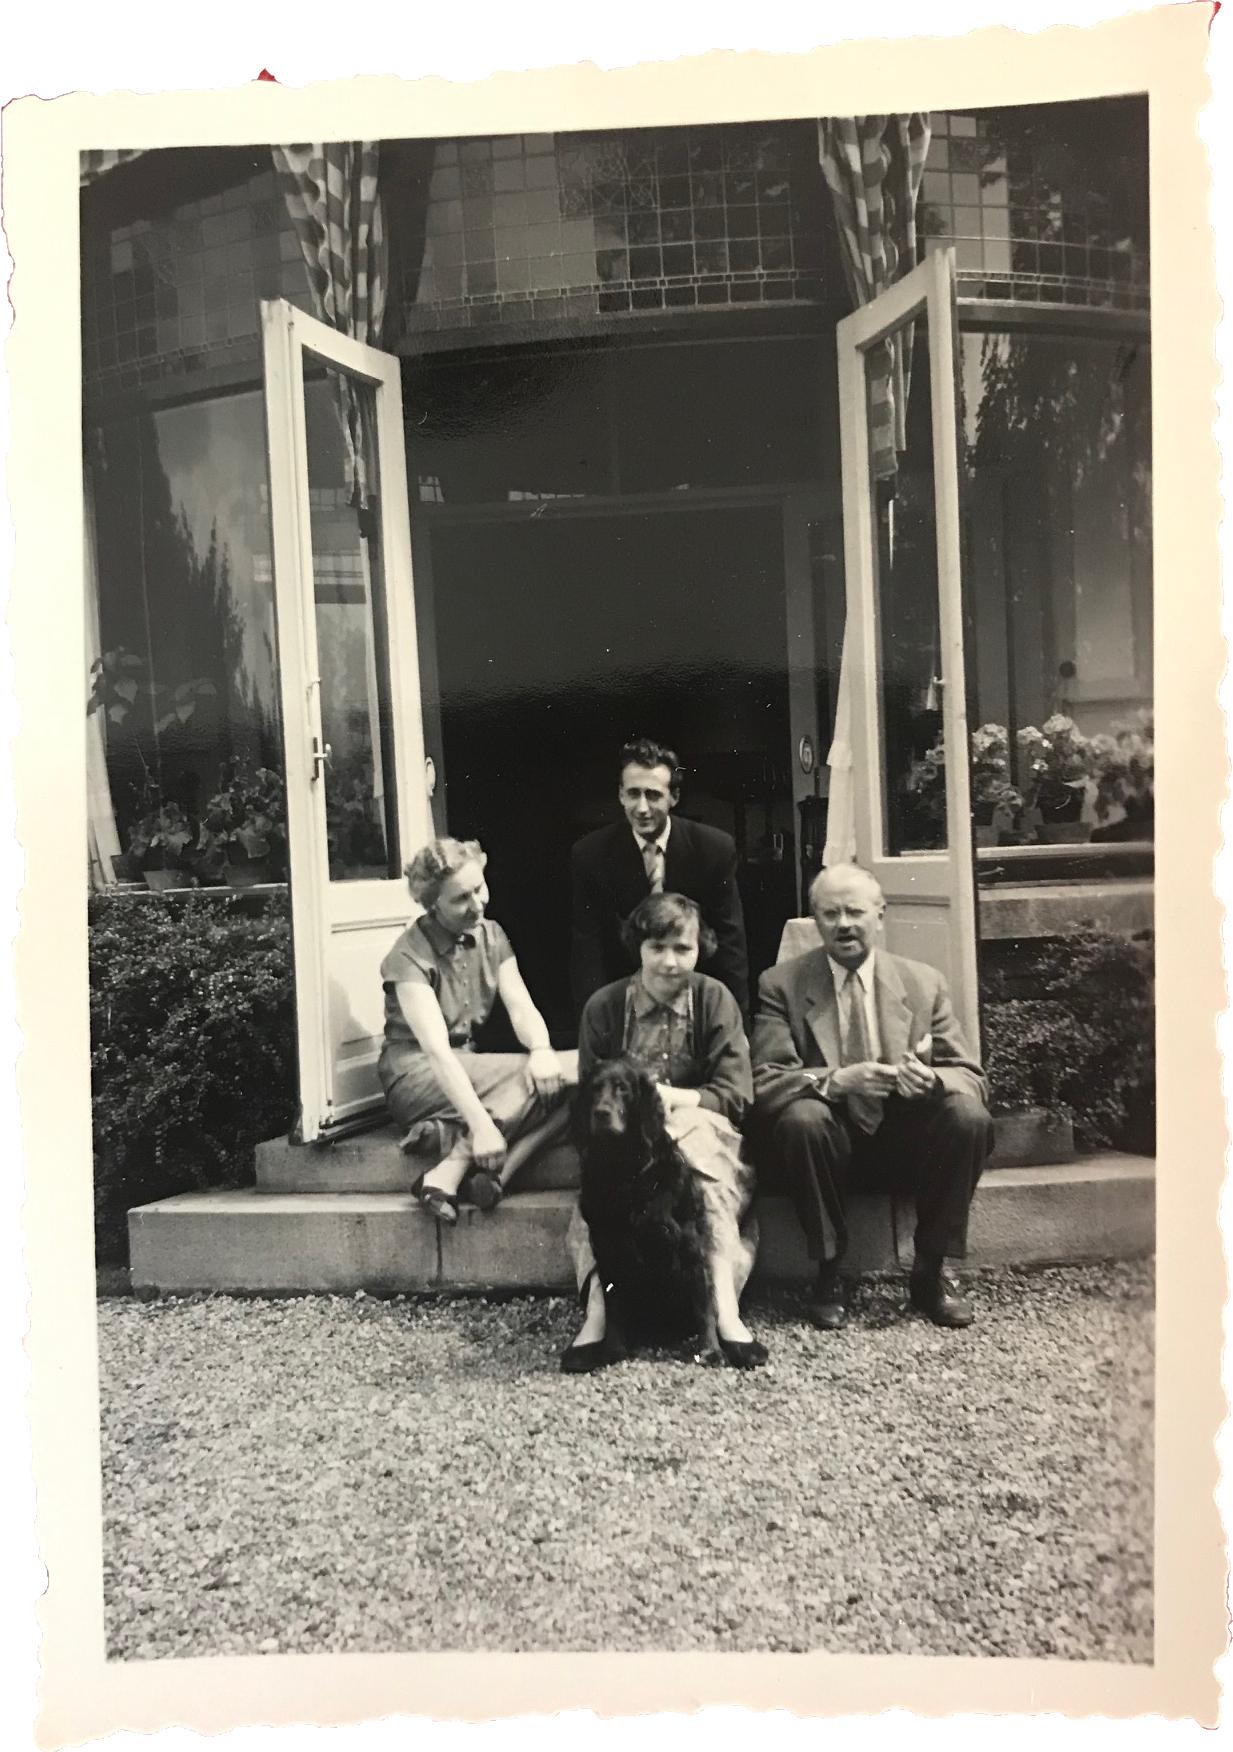 De jongen in het midden op de foto is een stagiaire uit Joegoslavië die ook ingewoond heeft bij de Familie Prisse.